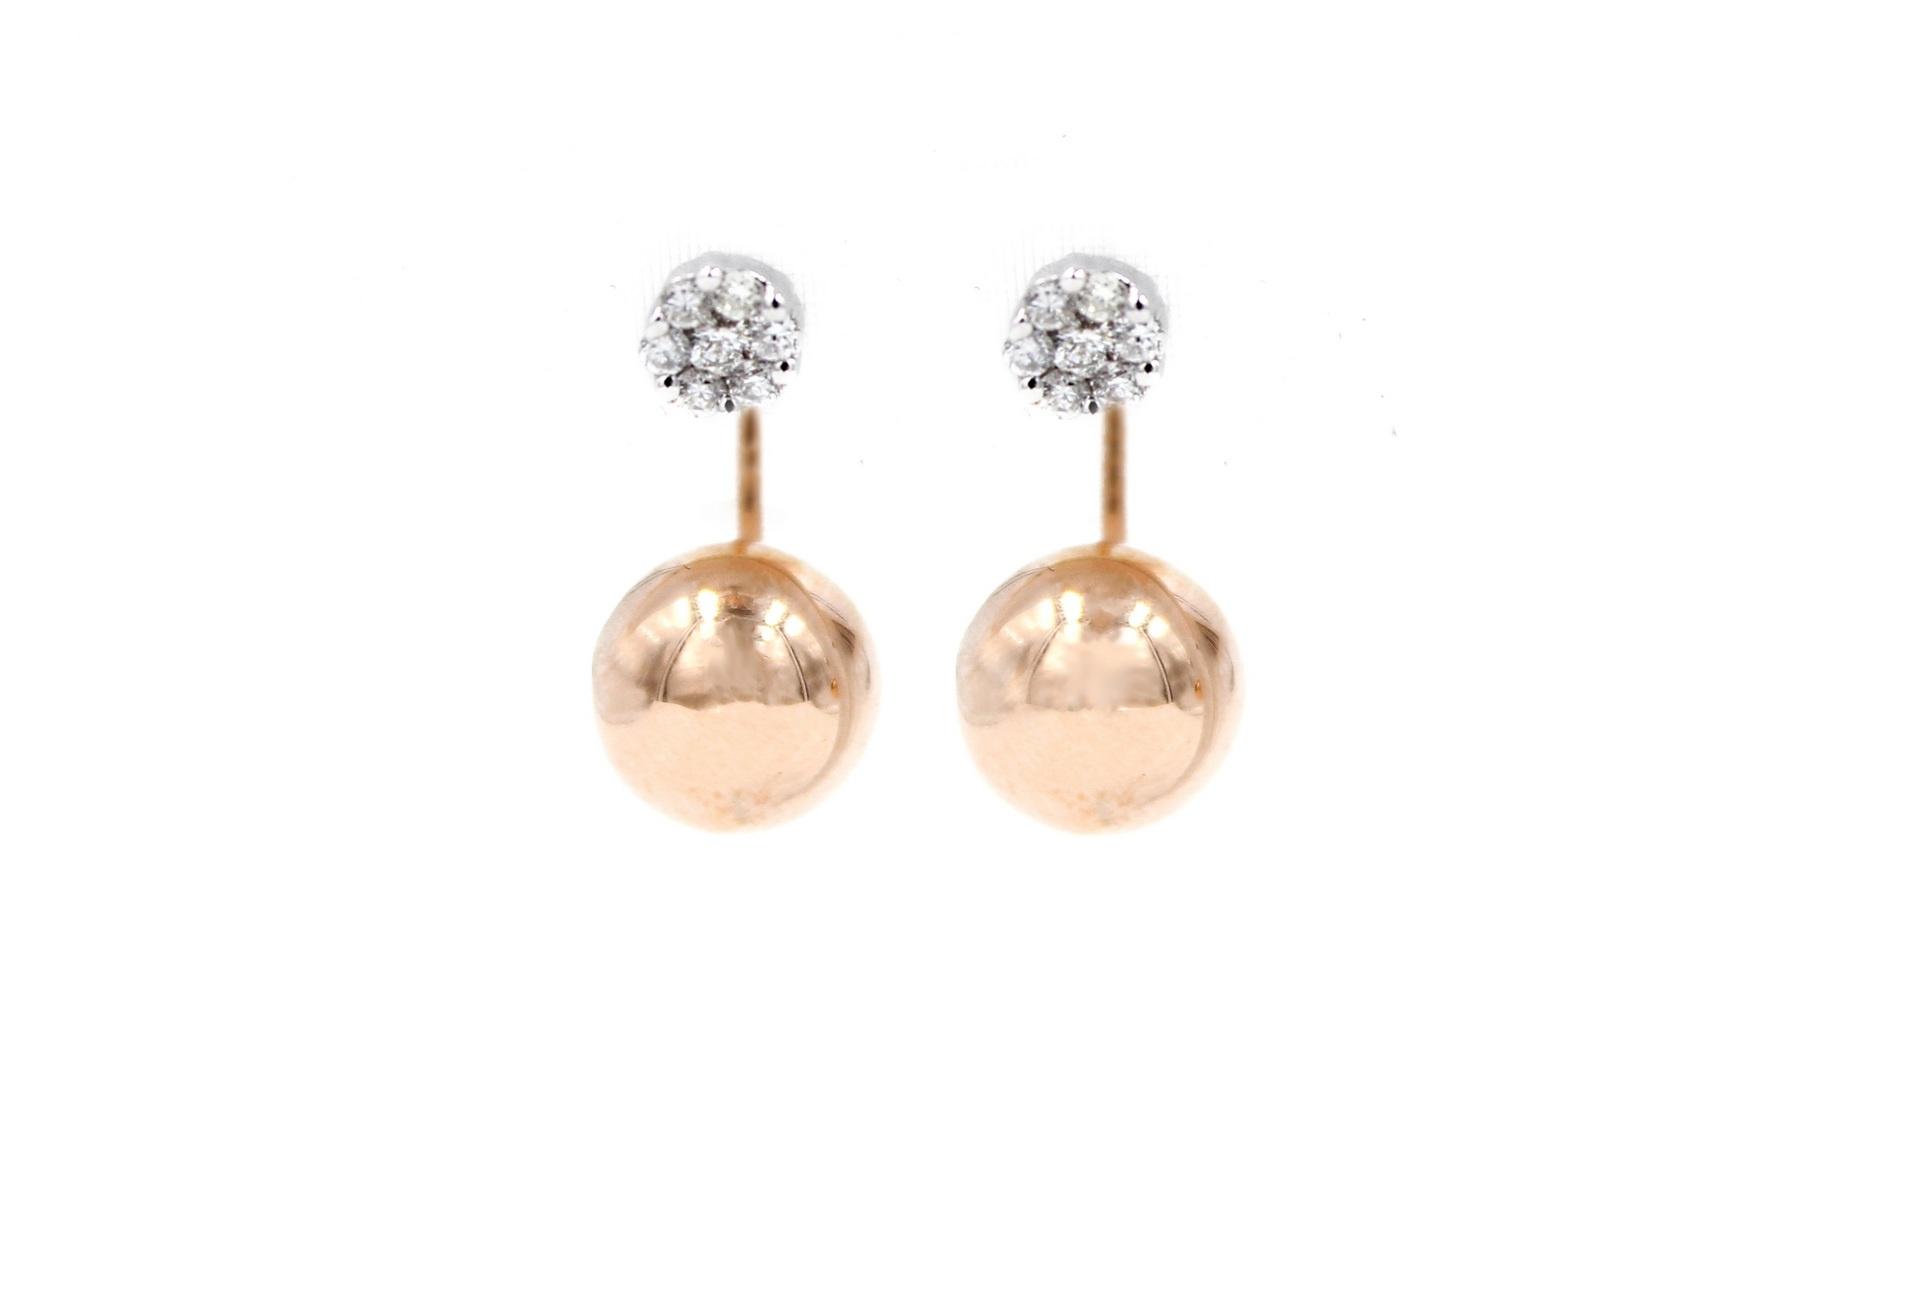 Curved Golden Globe Sphere Diamond Earrings